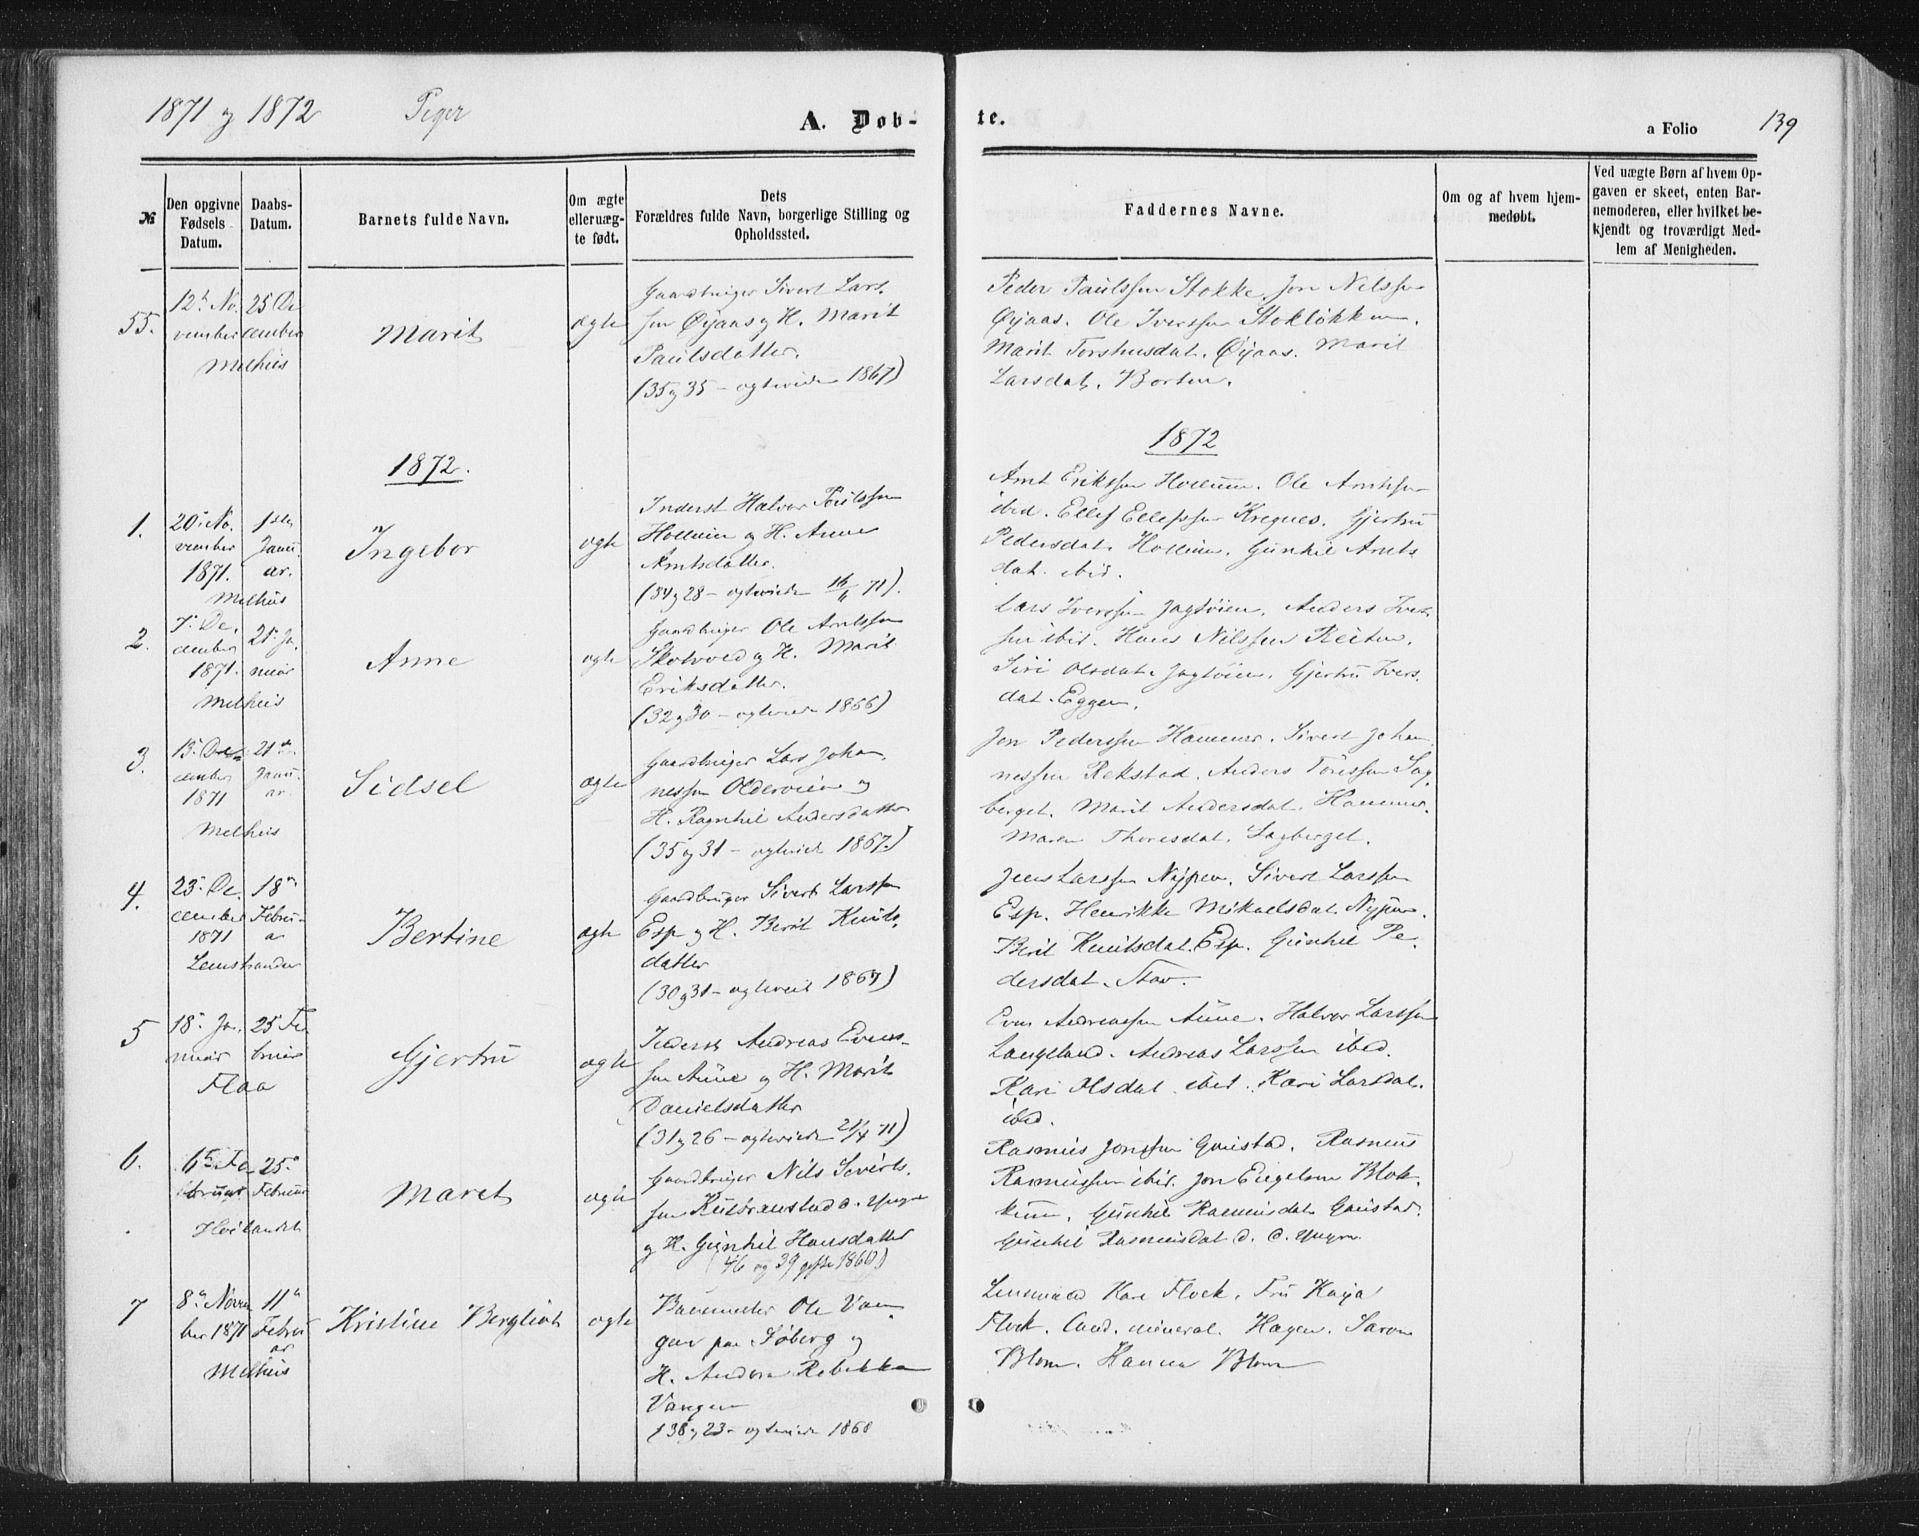 SAT, Ministerialprotokoller, klokkerbøker og fødselsregistre - Sør-Trøndelag, 691/L1077: Ministerialbok nr. 691A09, 1862-1873, s. 139